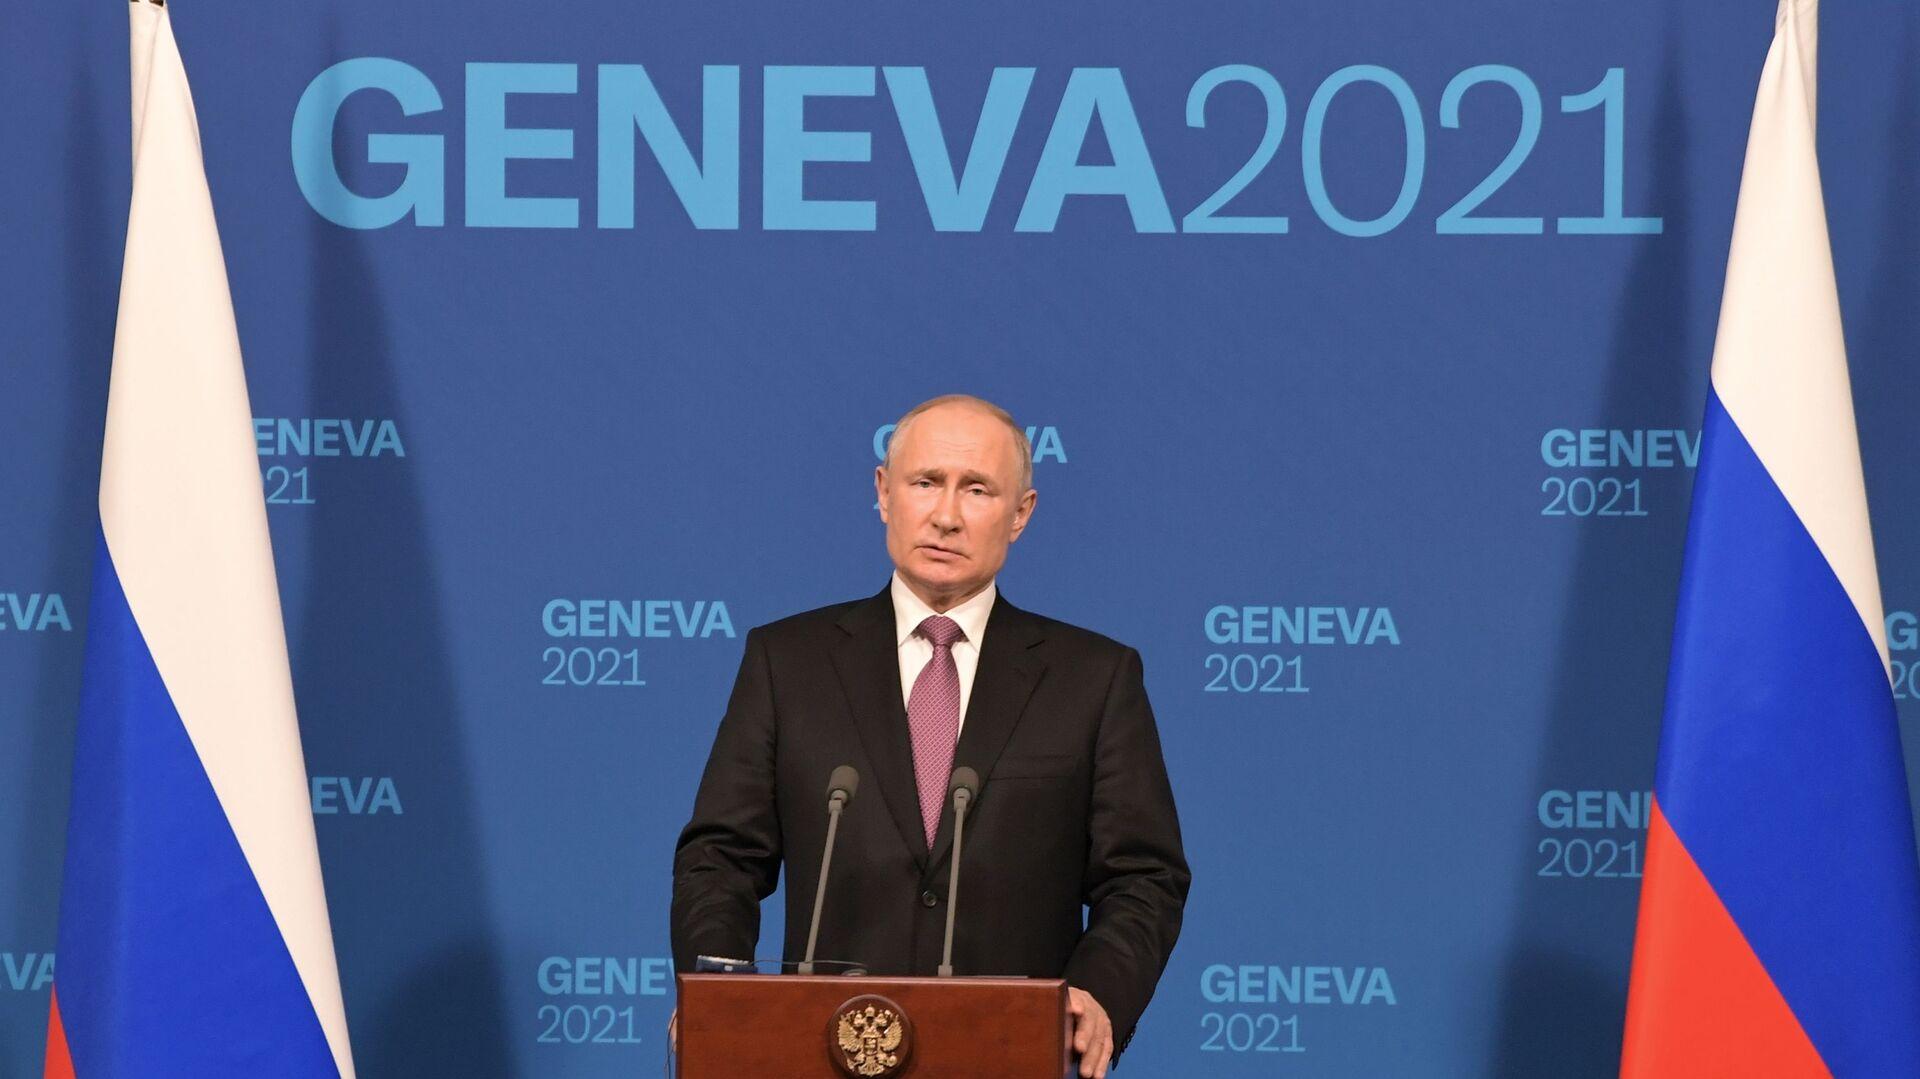 Ruský prezident Vladimir Putin běnem tiskové konference po jednání s americkým lídrem Joem Bidenem - Sputnik Česká republika, 1920, 21.06.2021